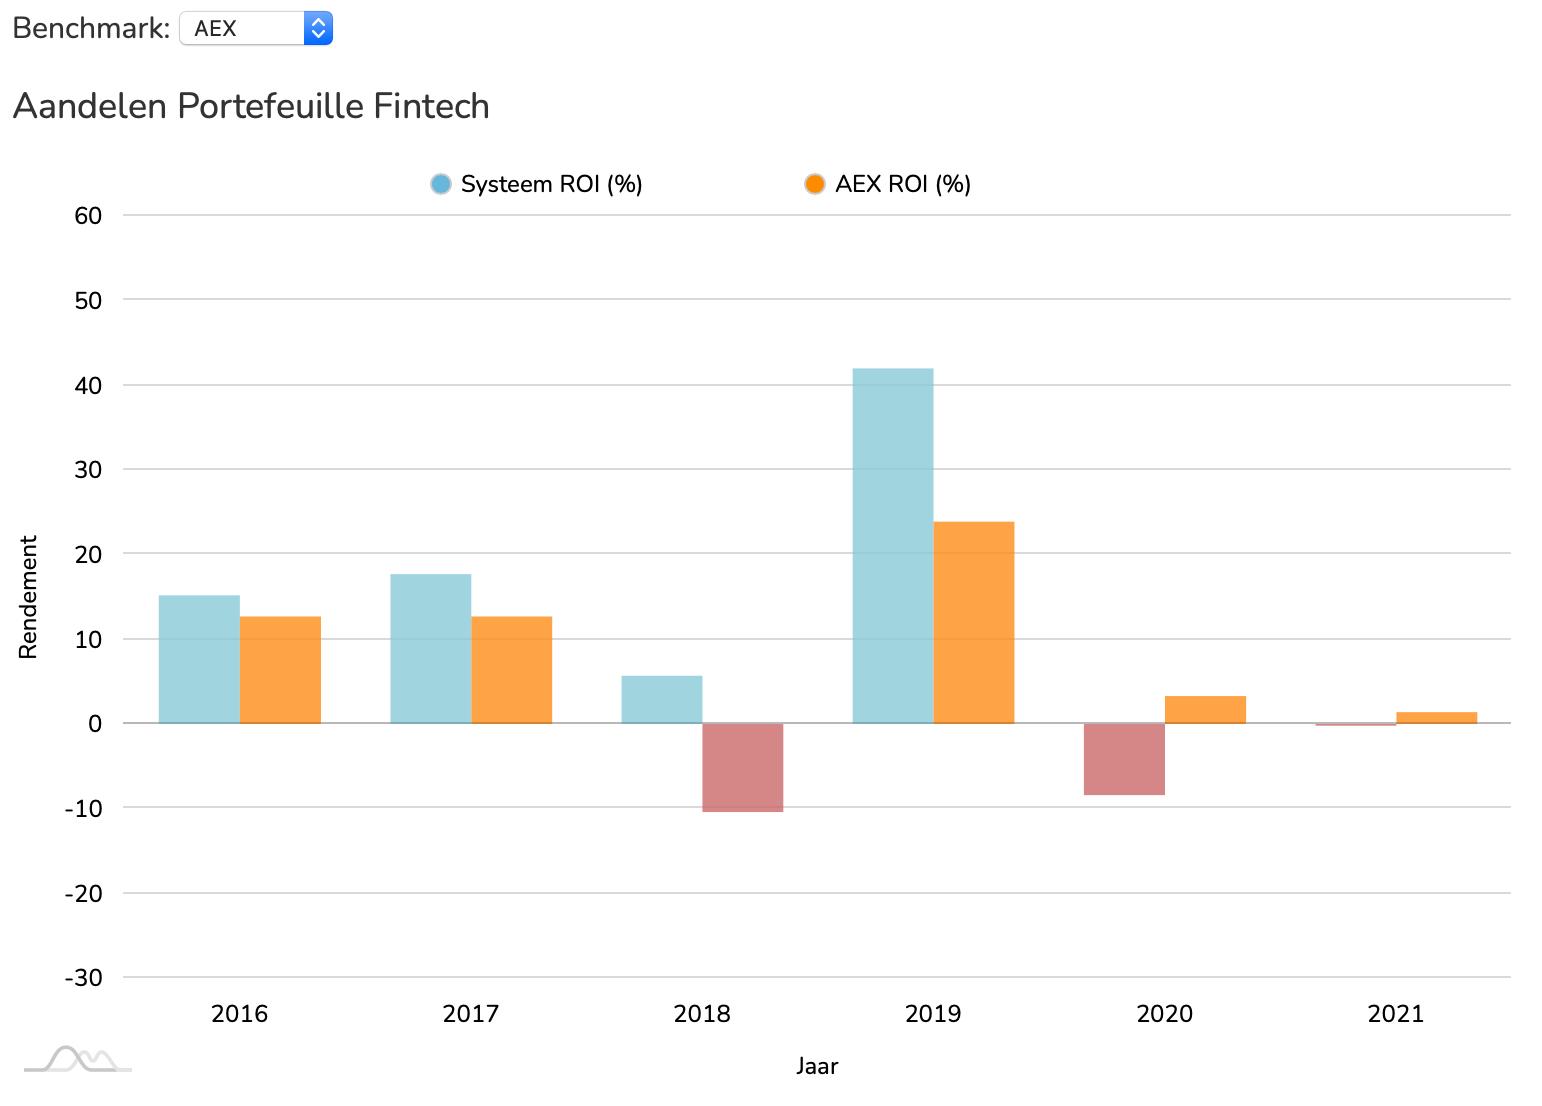 Aandelen Fintech ROI vs AEX